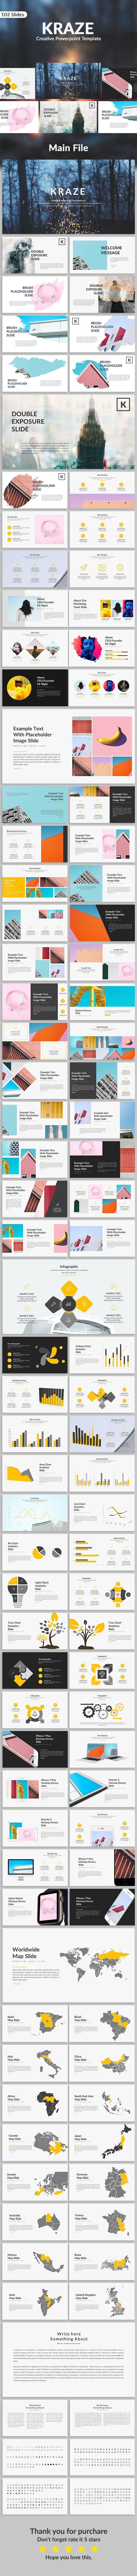 kraze creative google slide template google slides presentation